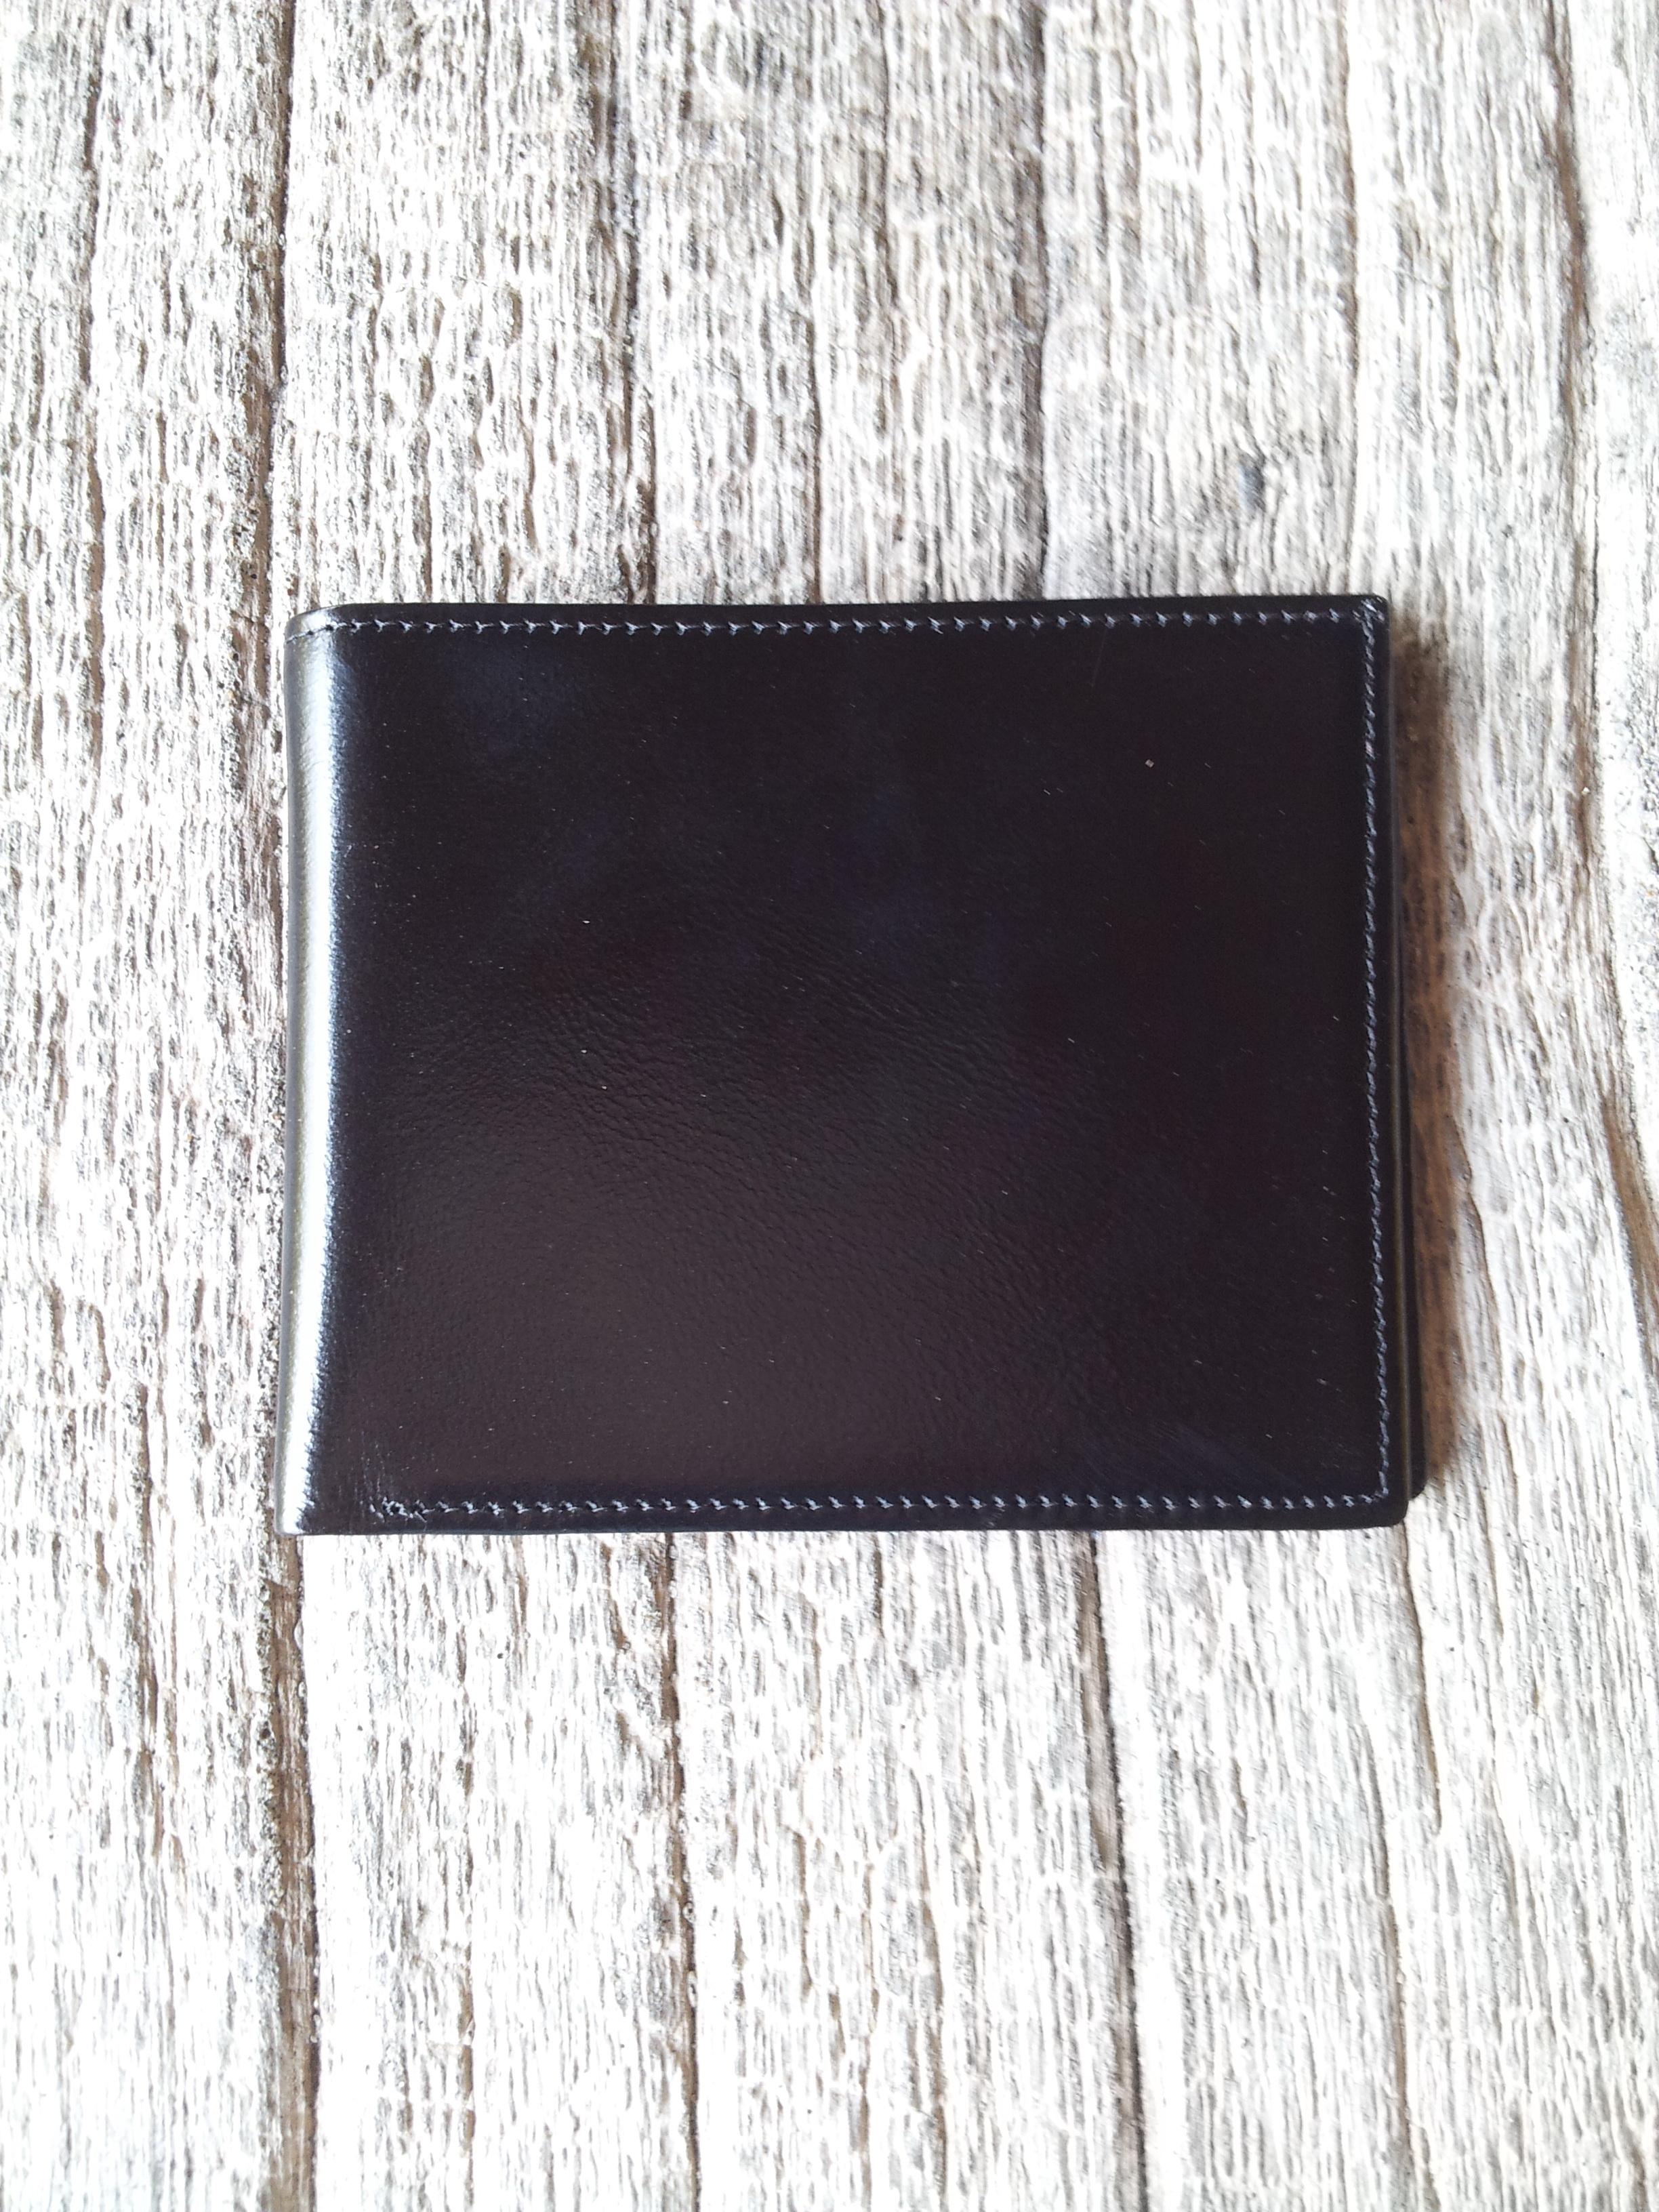 กระเป๋าสตางค์ชาย รุ่น Boss สีดำ